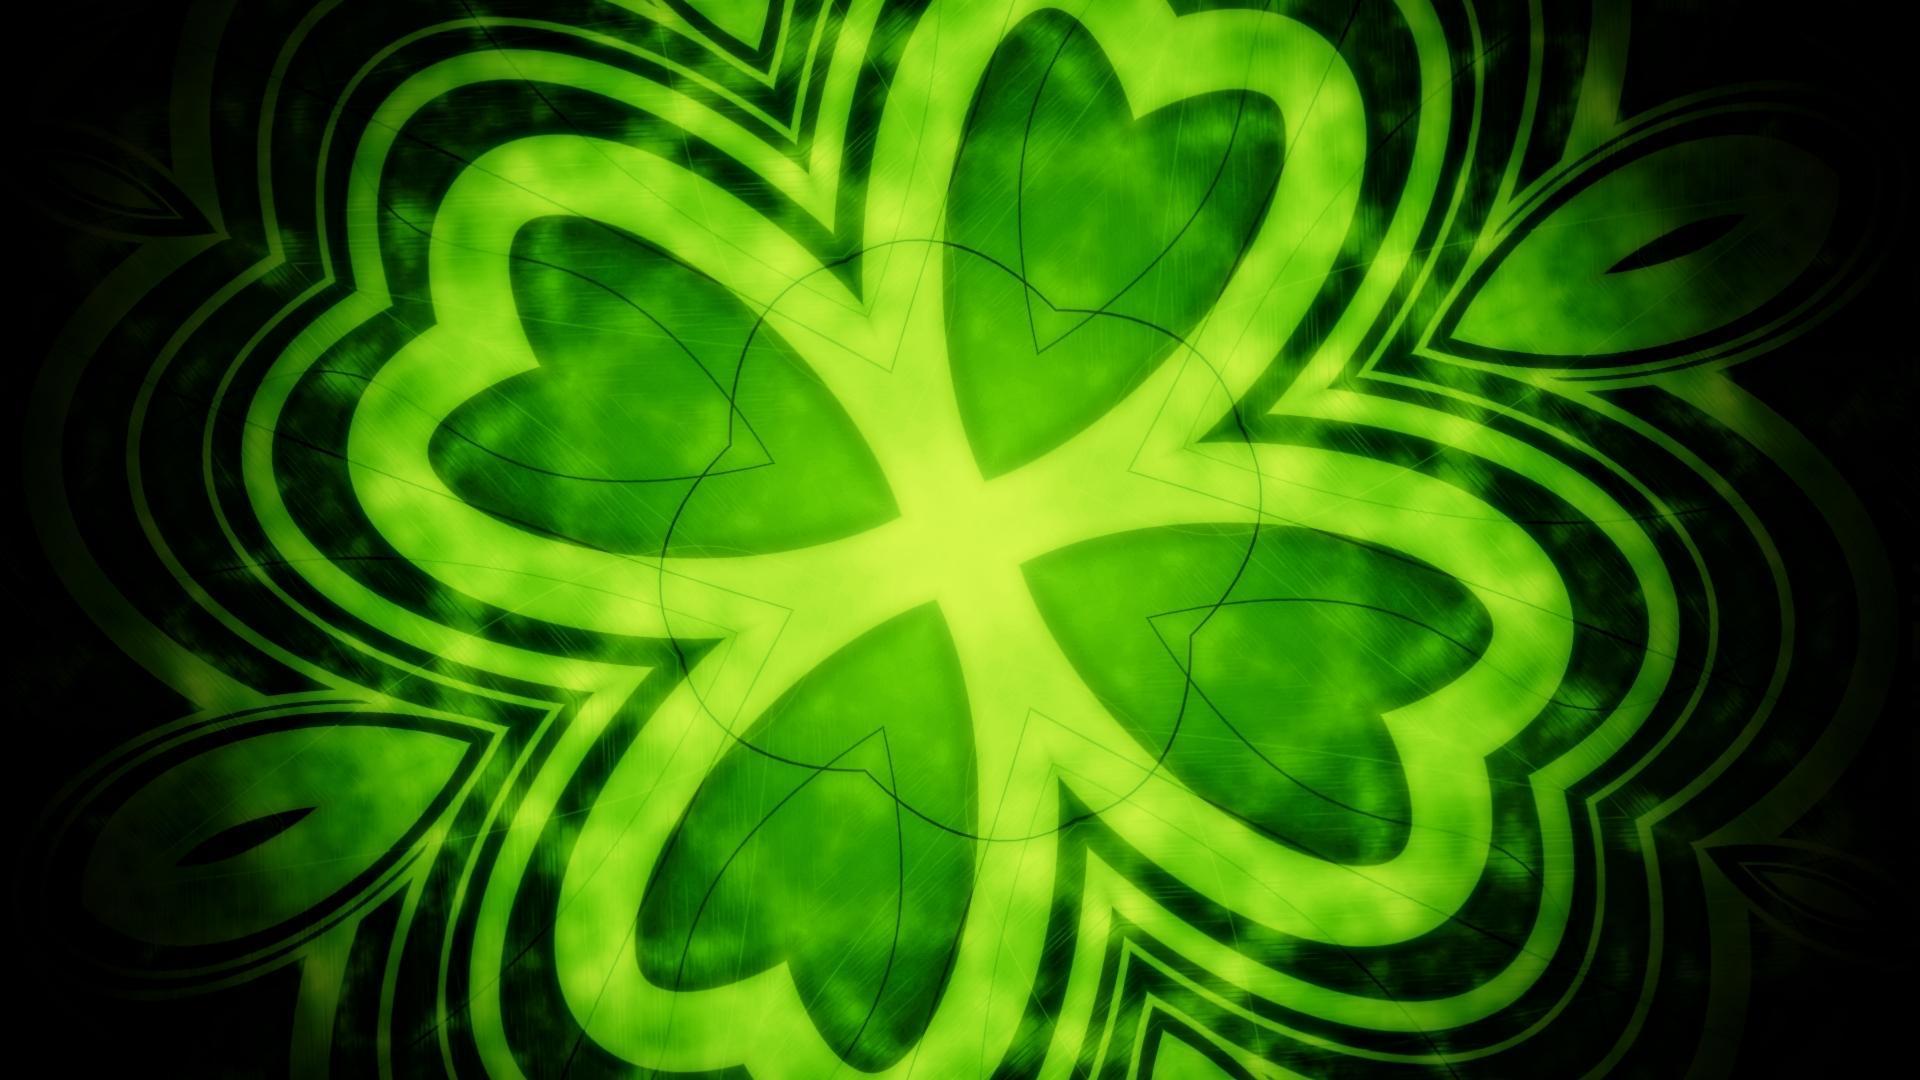 Green Shamrock HD Wallpaper | 1920x1080 | ID:14813